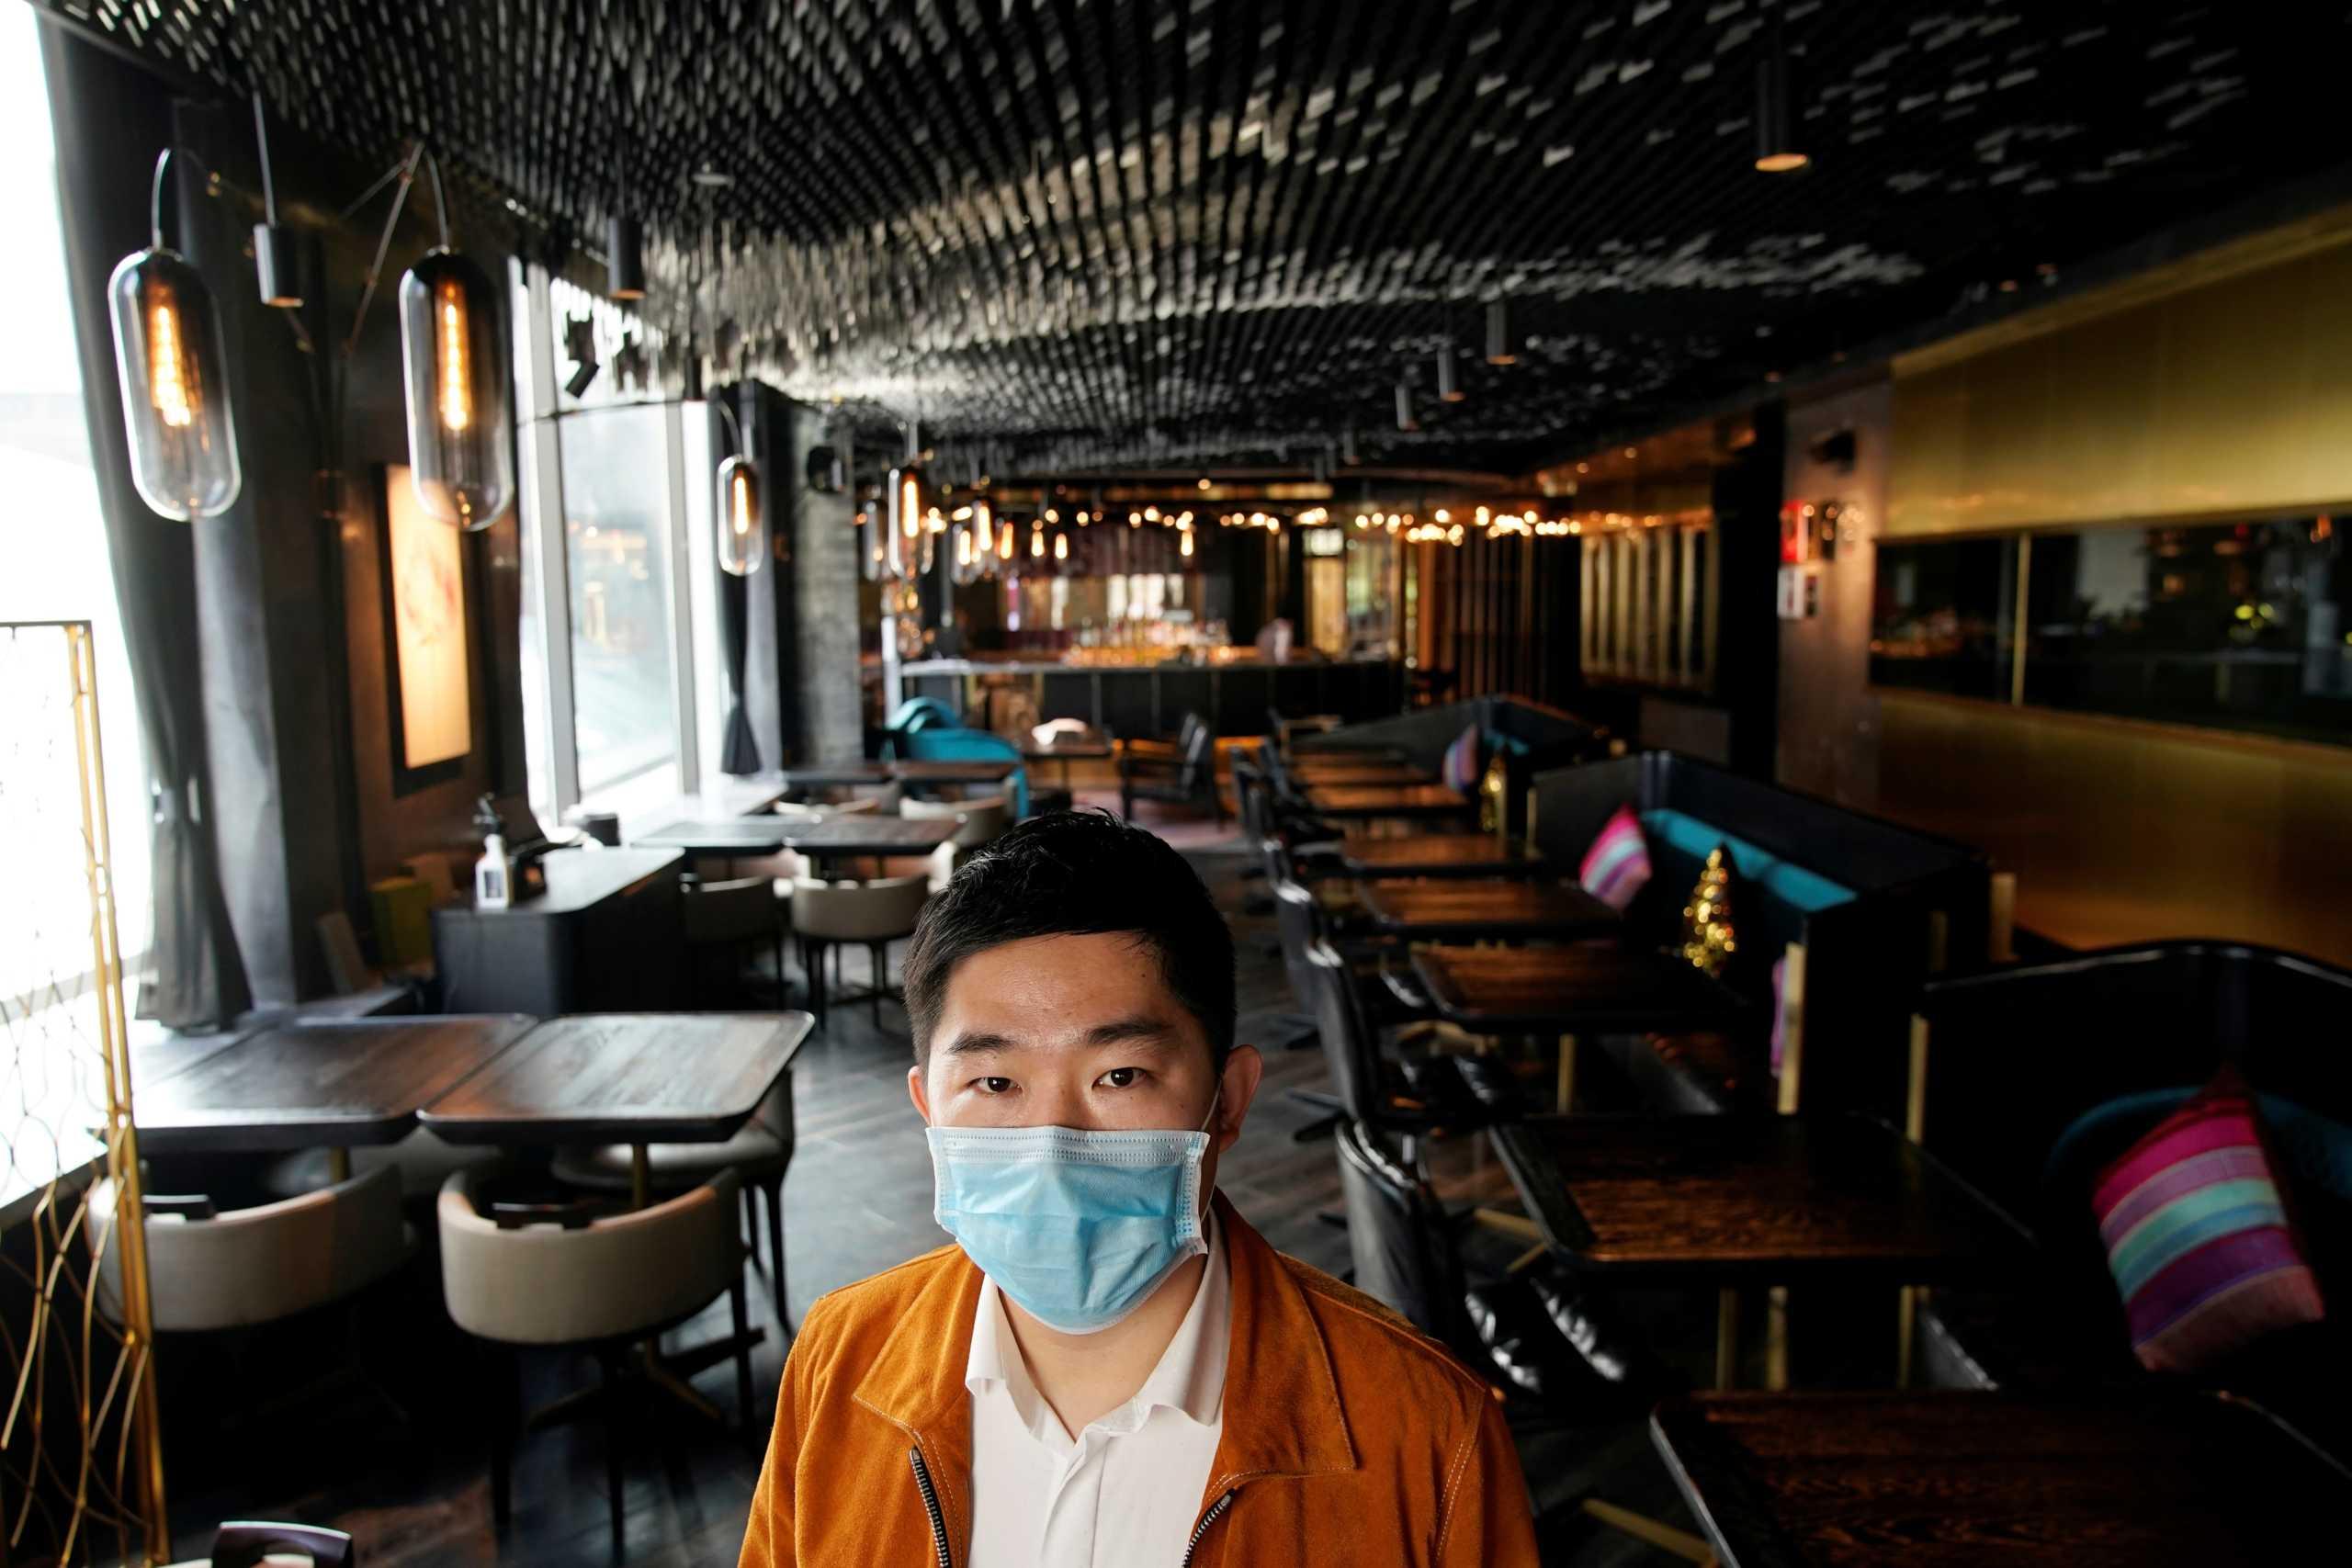 Κορονοϊός: Φτιάχνουν πυρετωδώς χιλιάδες μάσκες τη μέρα